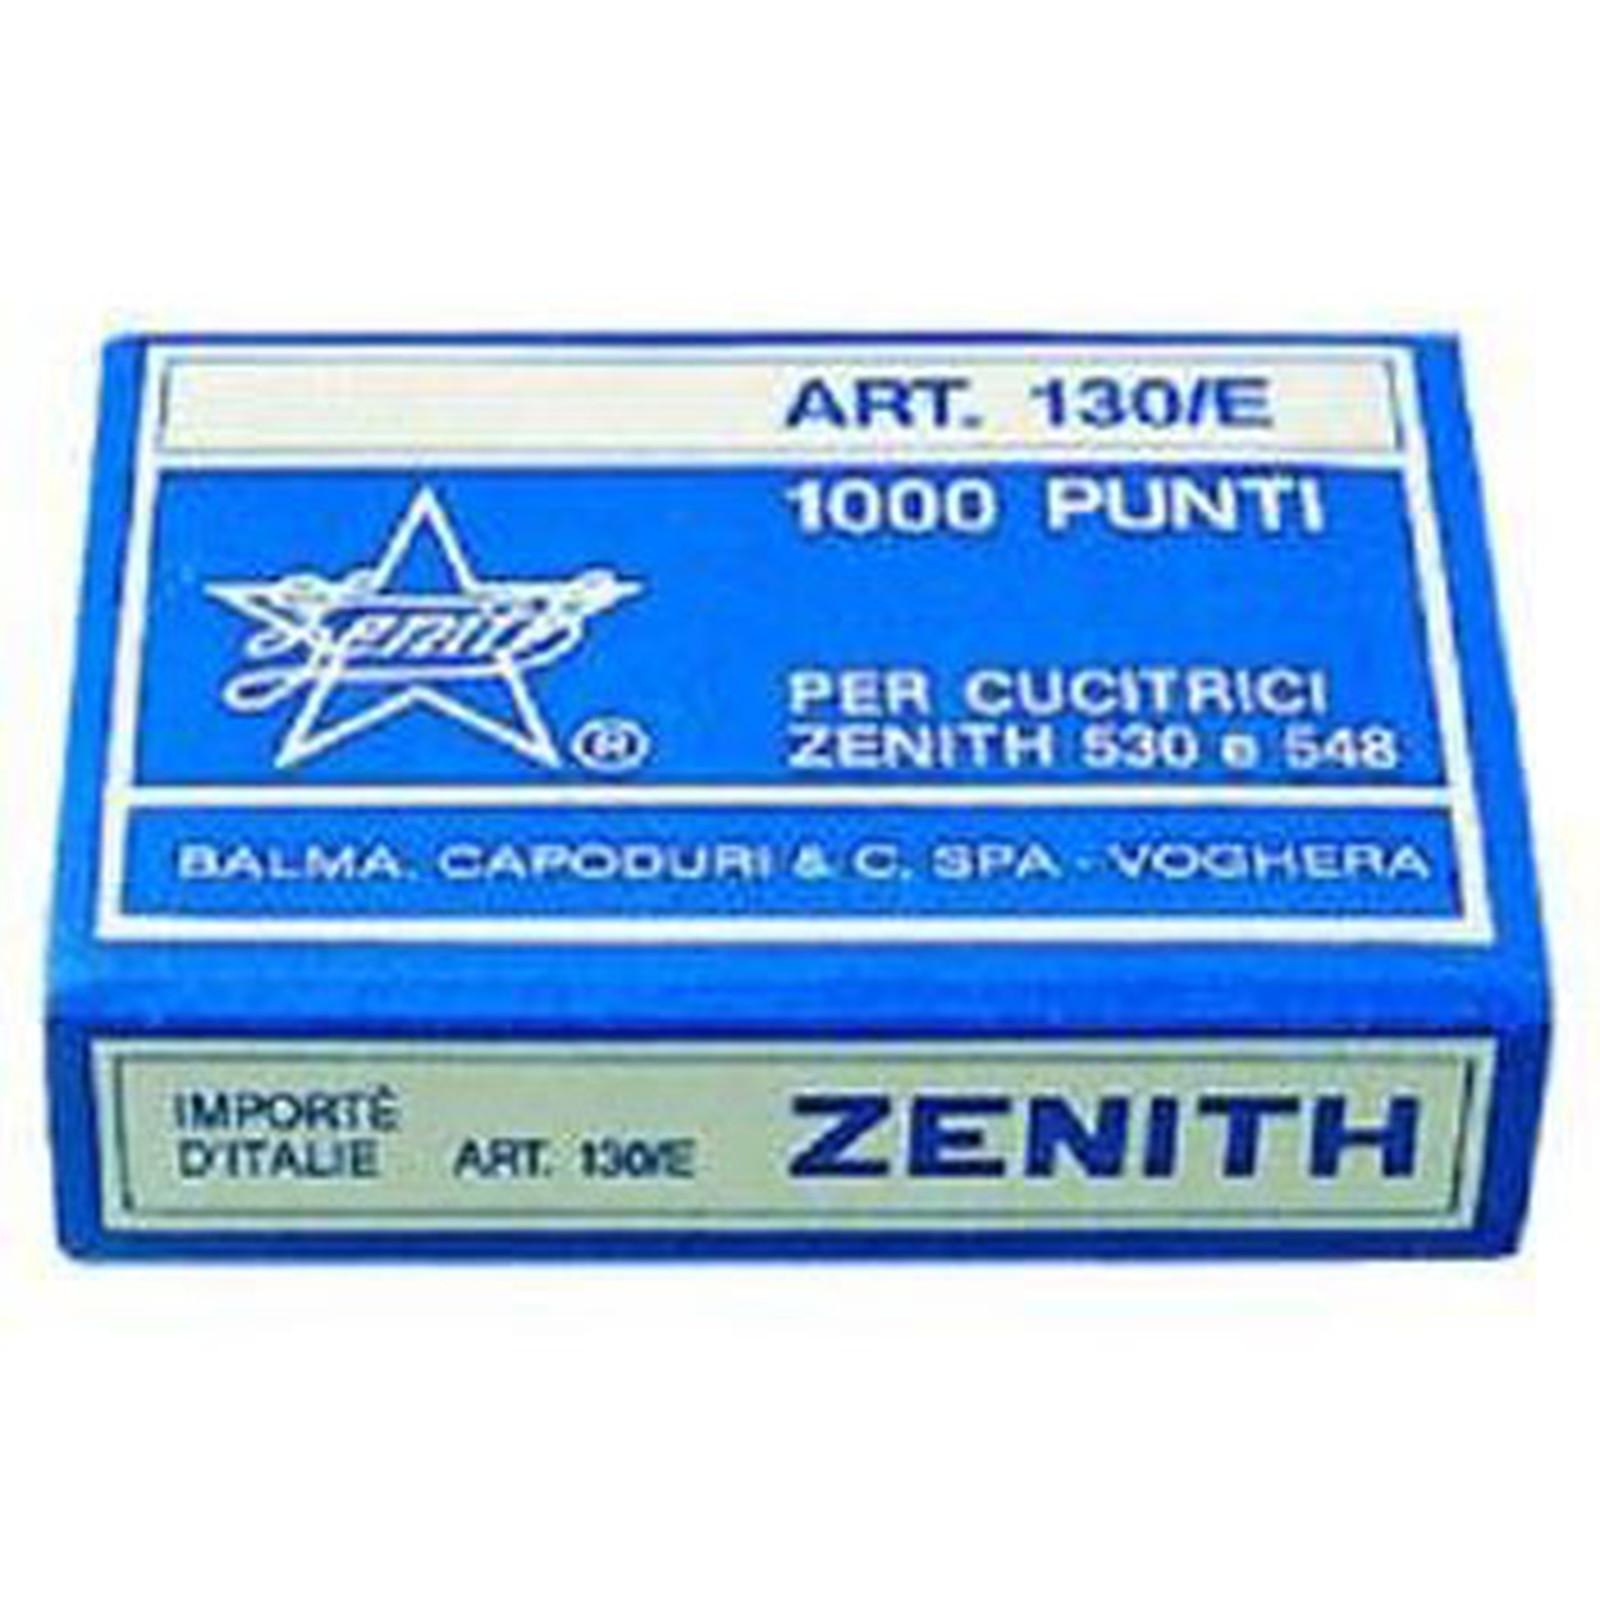 ZENITH 130/E boite de 1000 agrafes